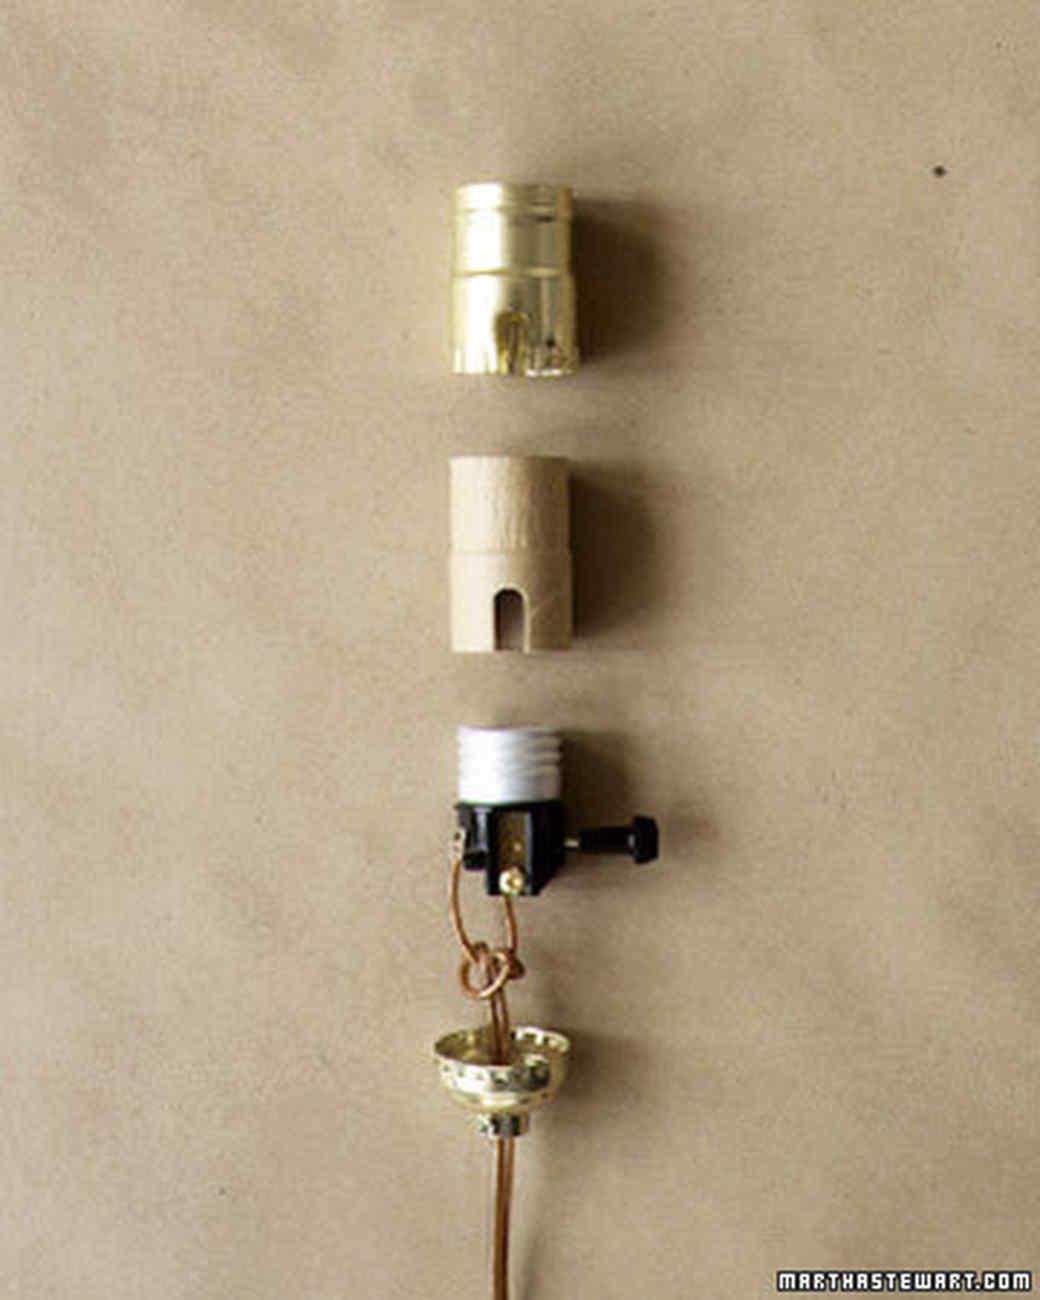 rewiring a lamp martha stewart rh marthastewart com rewiring a lamp diagram rewiring a lamp plug